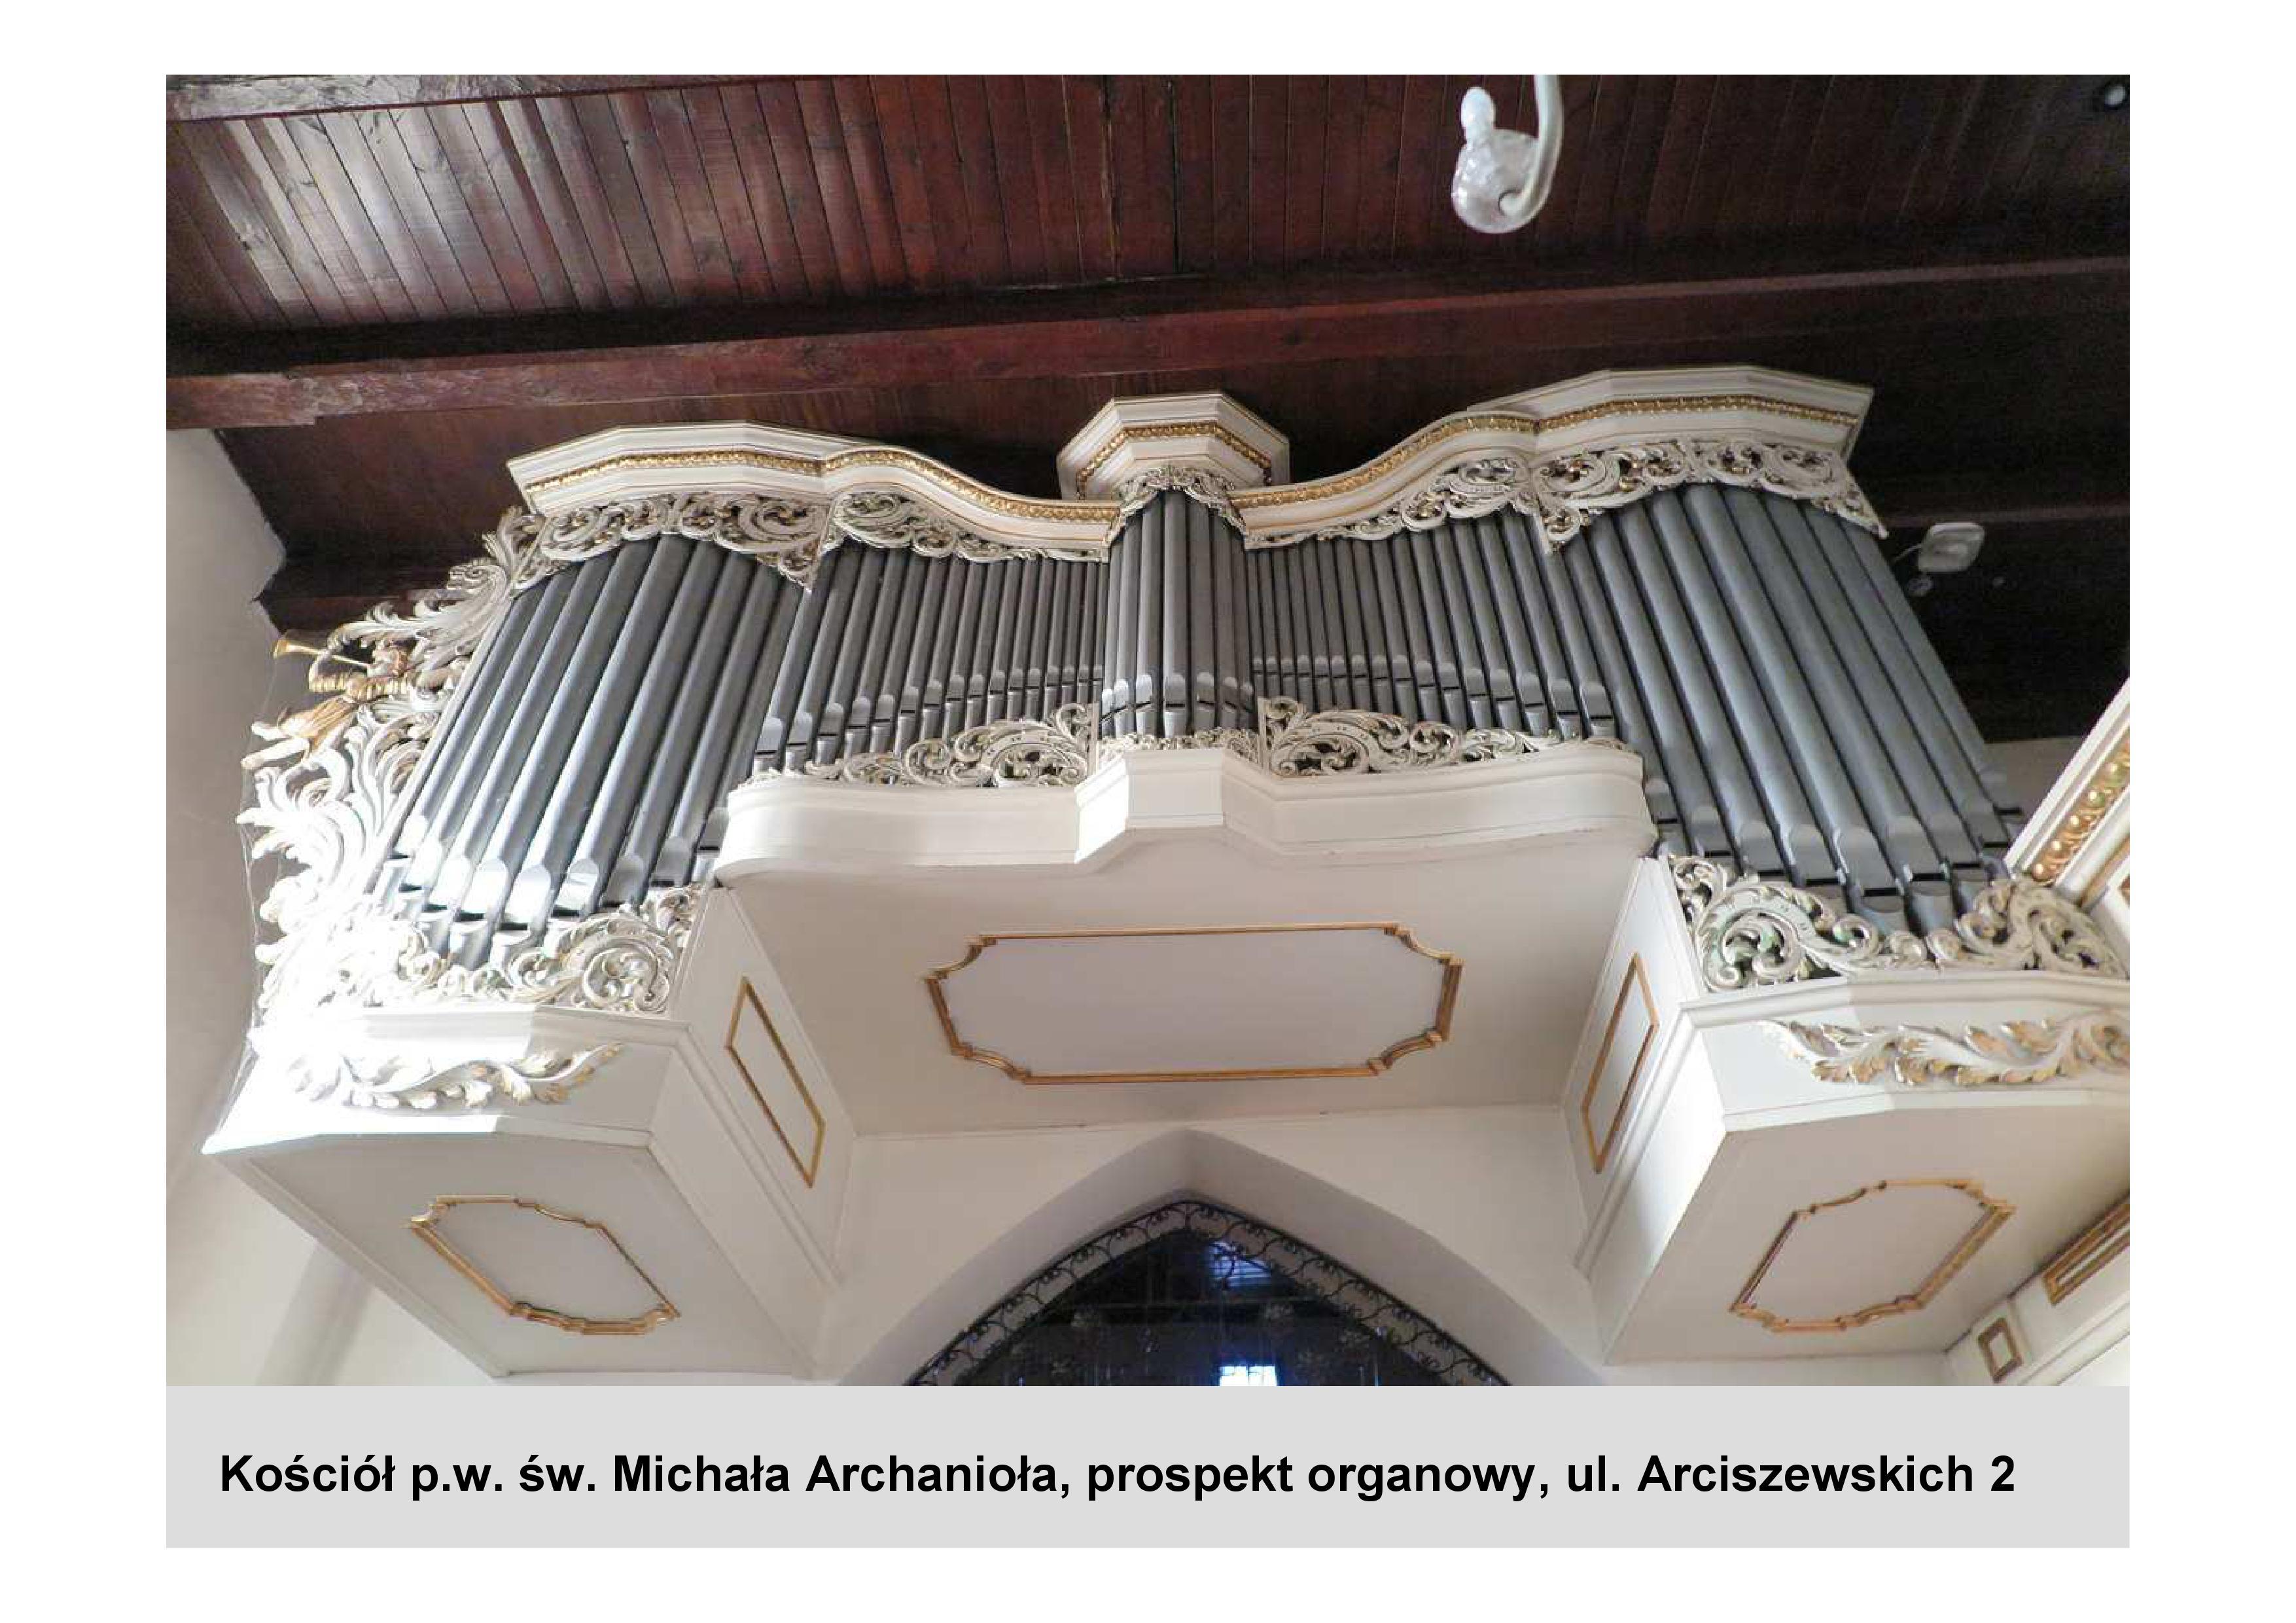 Kościół p. w. św. Michała Archanioła. Tu wyremontowany zostanie historyczny prospekt organowy, fot. materiały prasowe